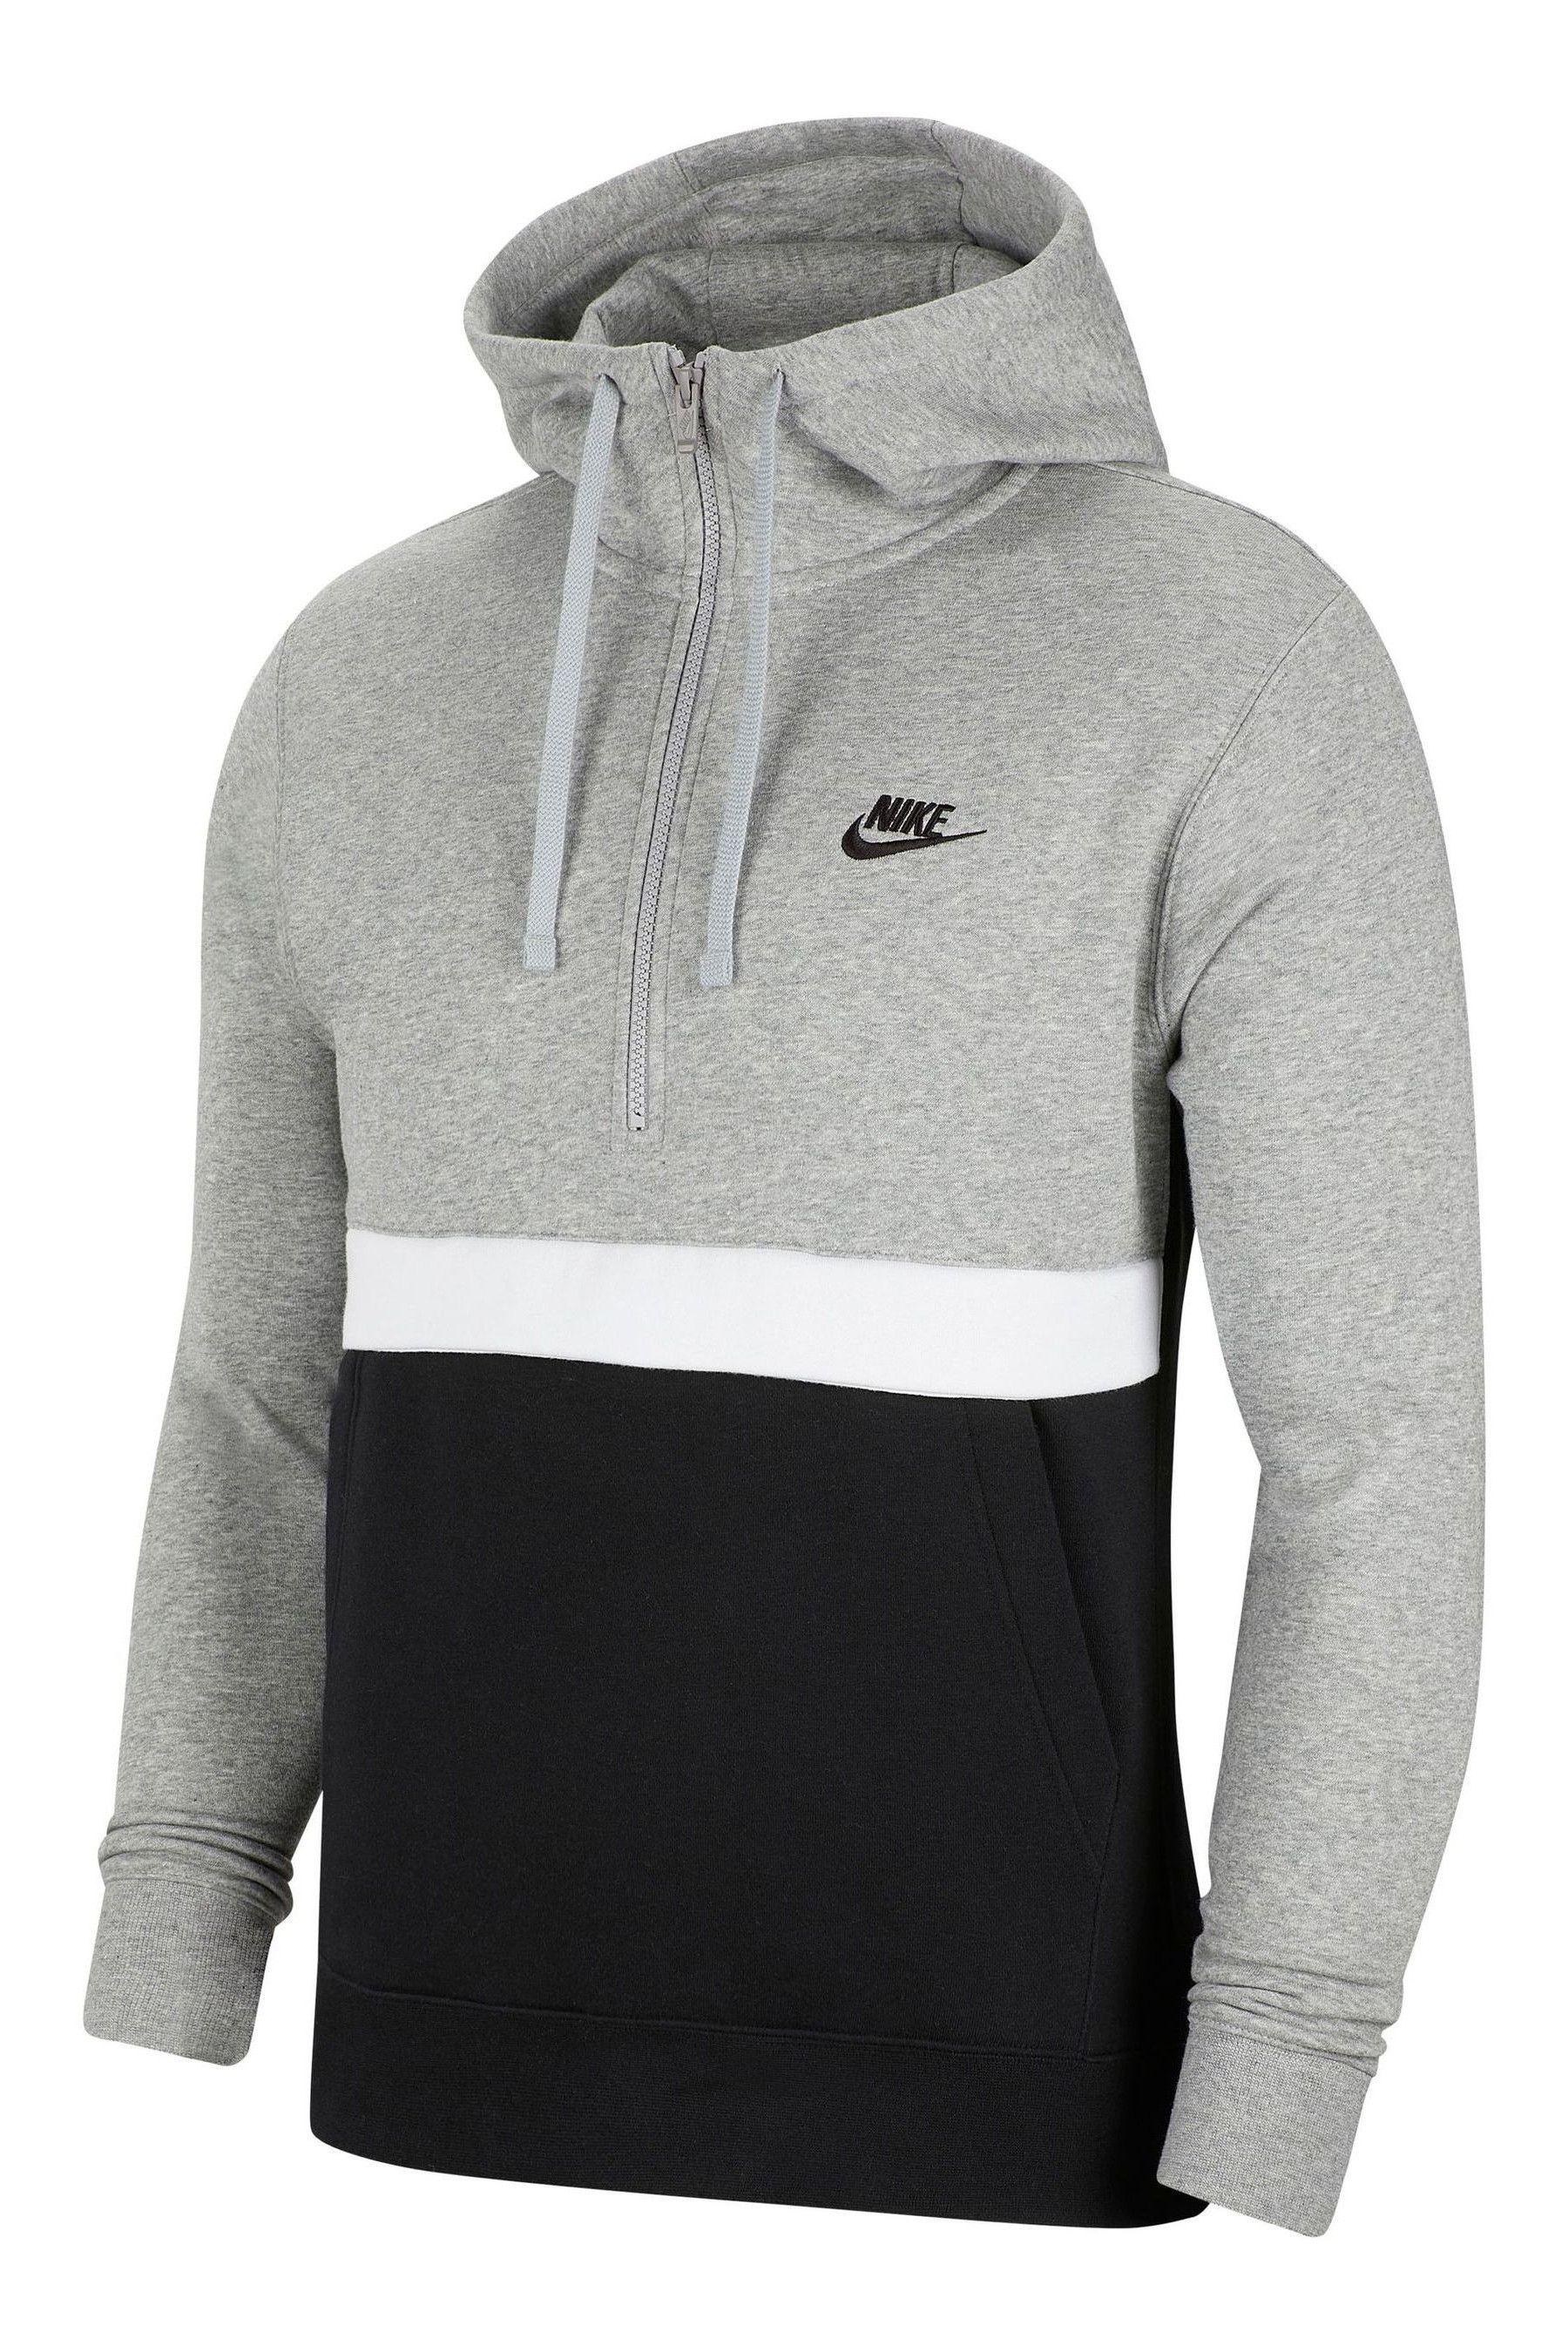 Mens Nike Club 1/4 Zip Hoody - Grey | Mens sweatshirts, Nike ...